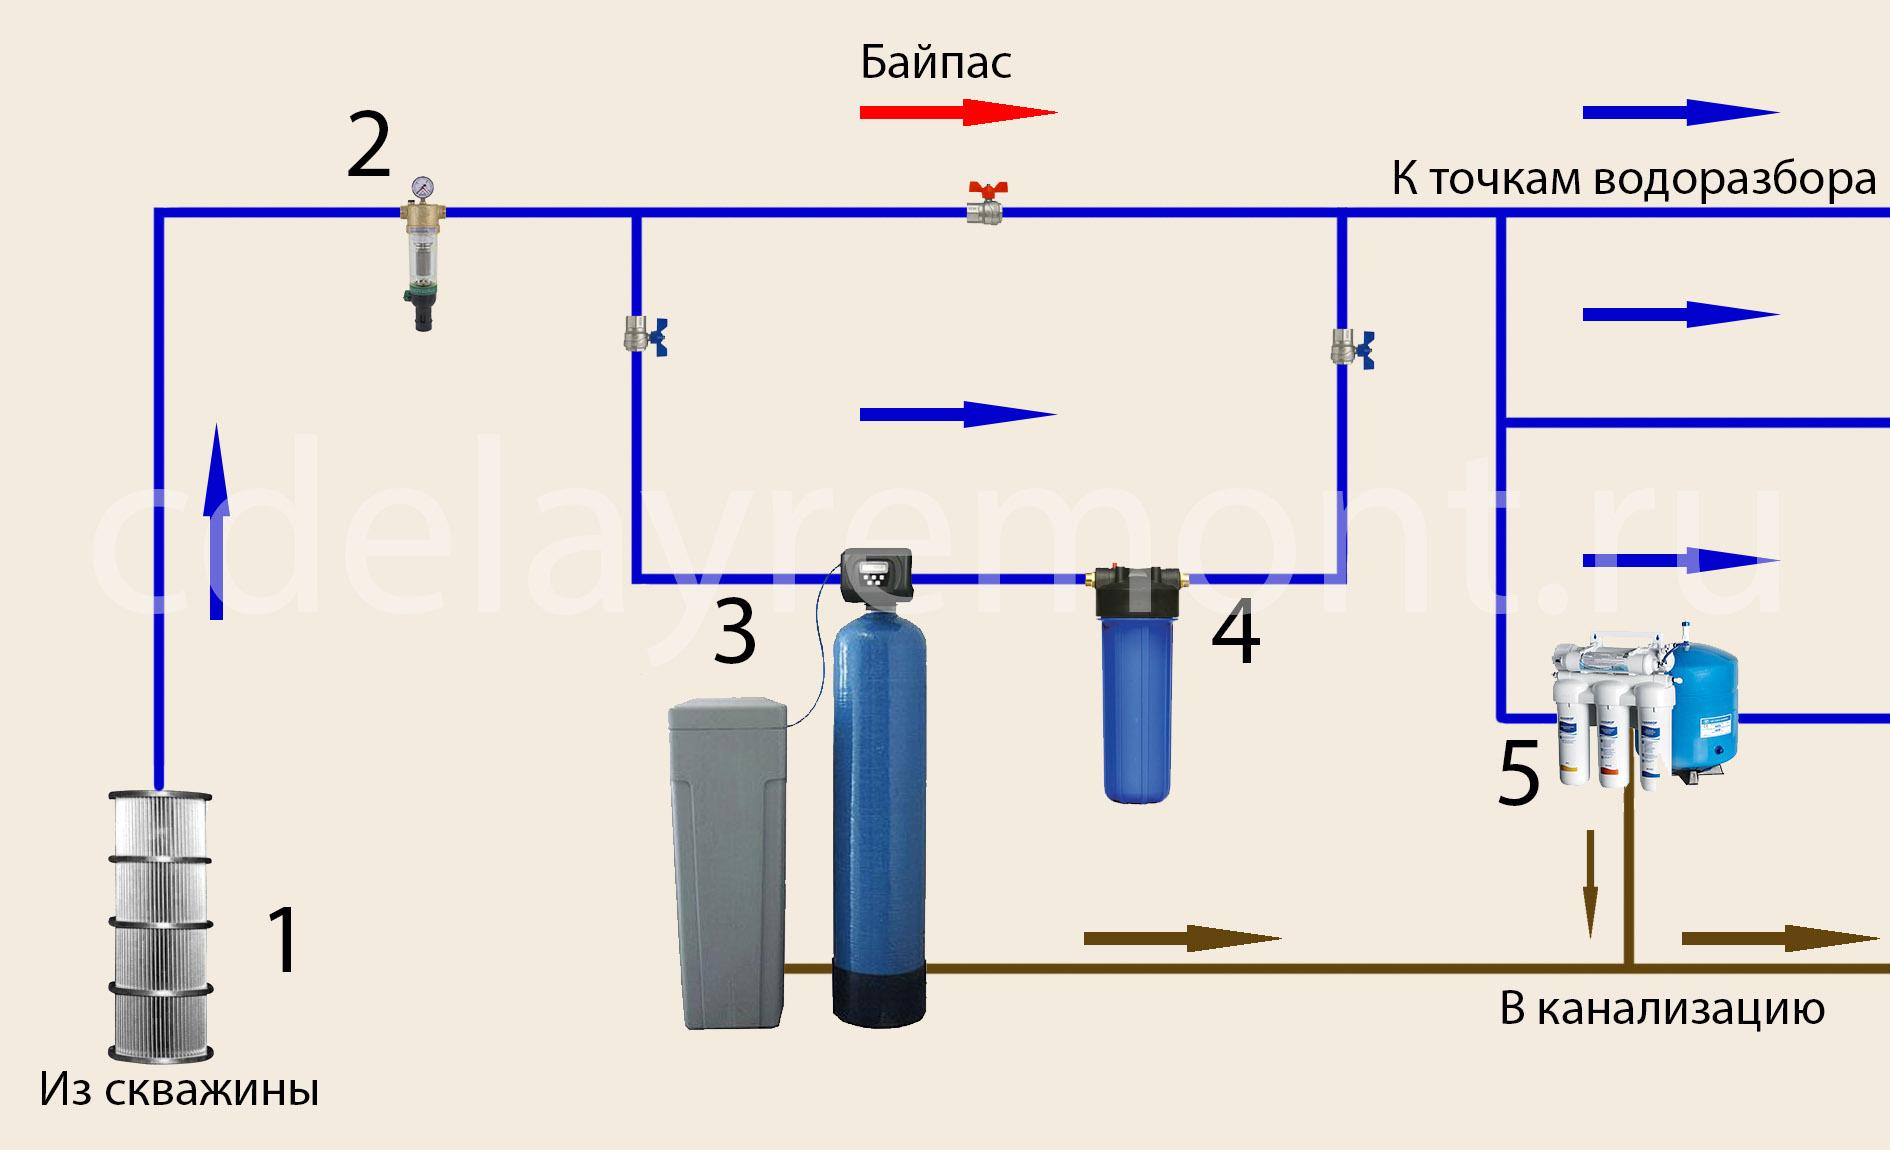 Схема водоподготовки воды из скважины